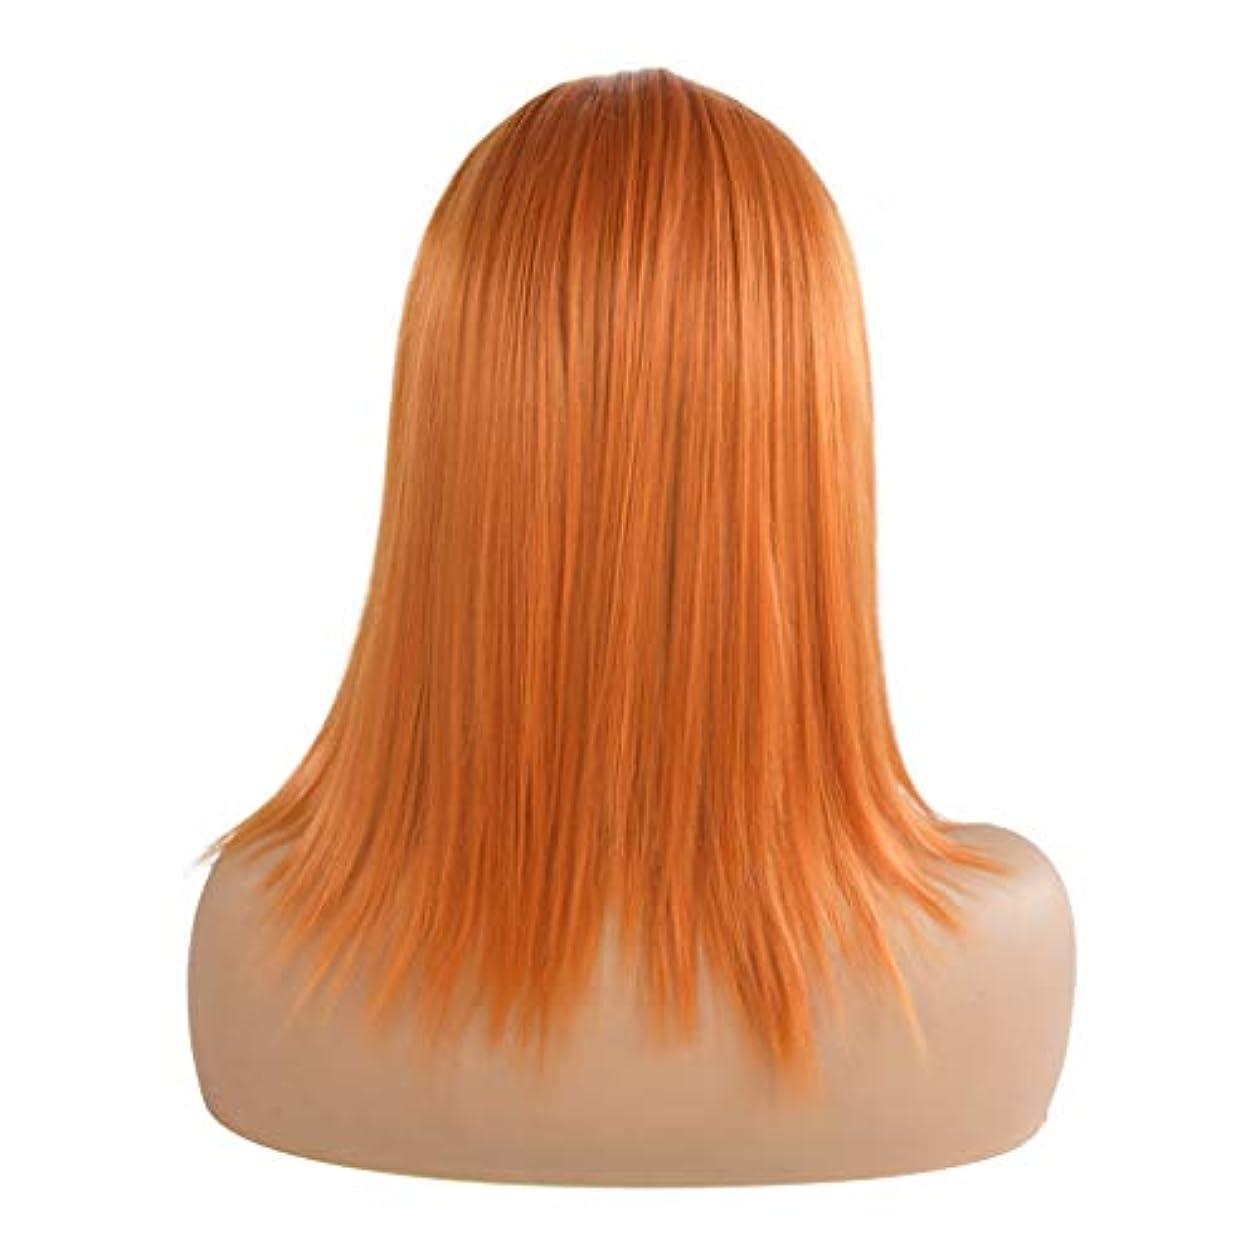 歩き回る疎外出演者ウィッグオレンジショートストレートヘアフロントレースファッションウィッグ18インチ